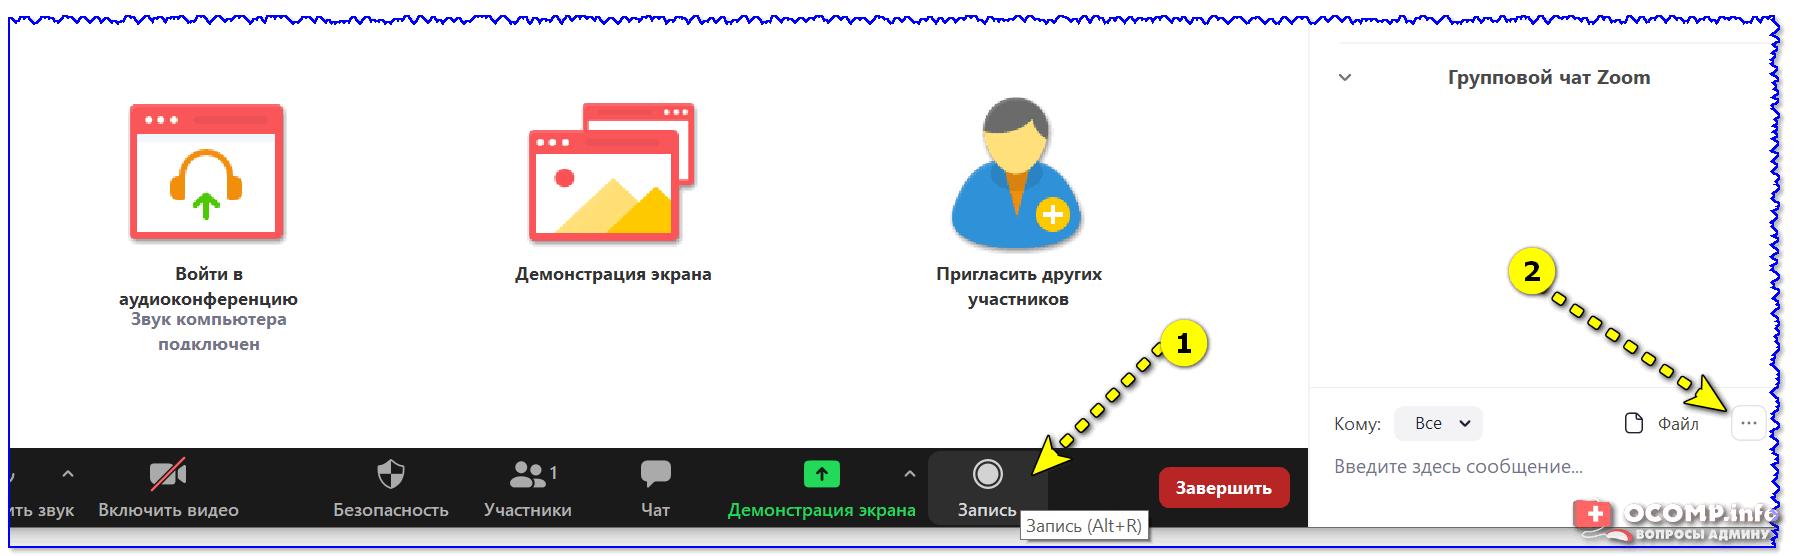 Дистанционное обучение: как провести уроки в zoom | skyteach